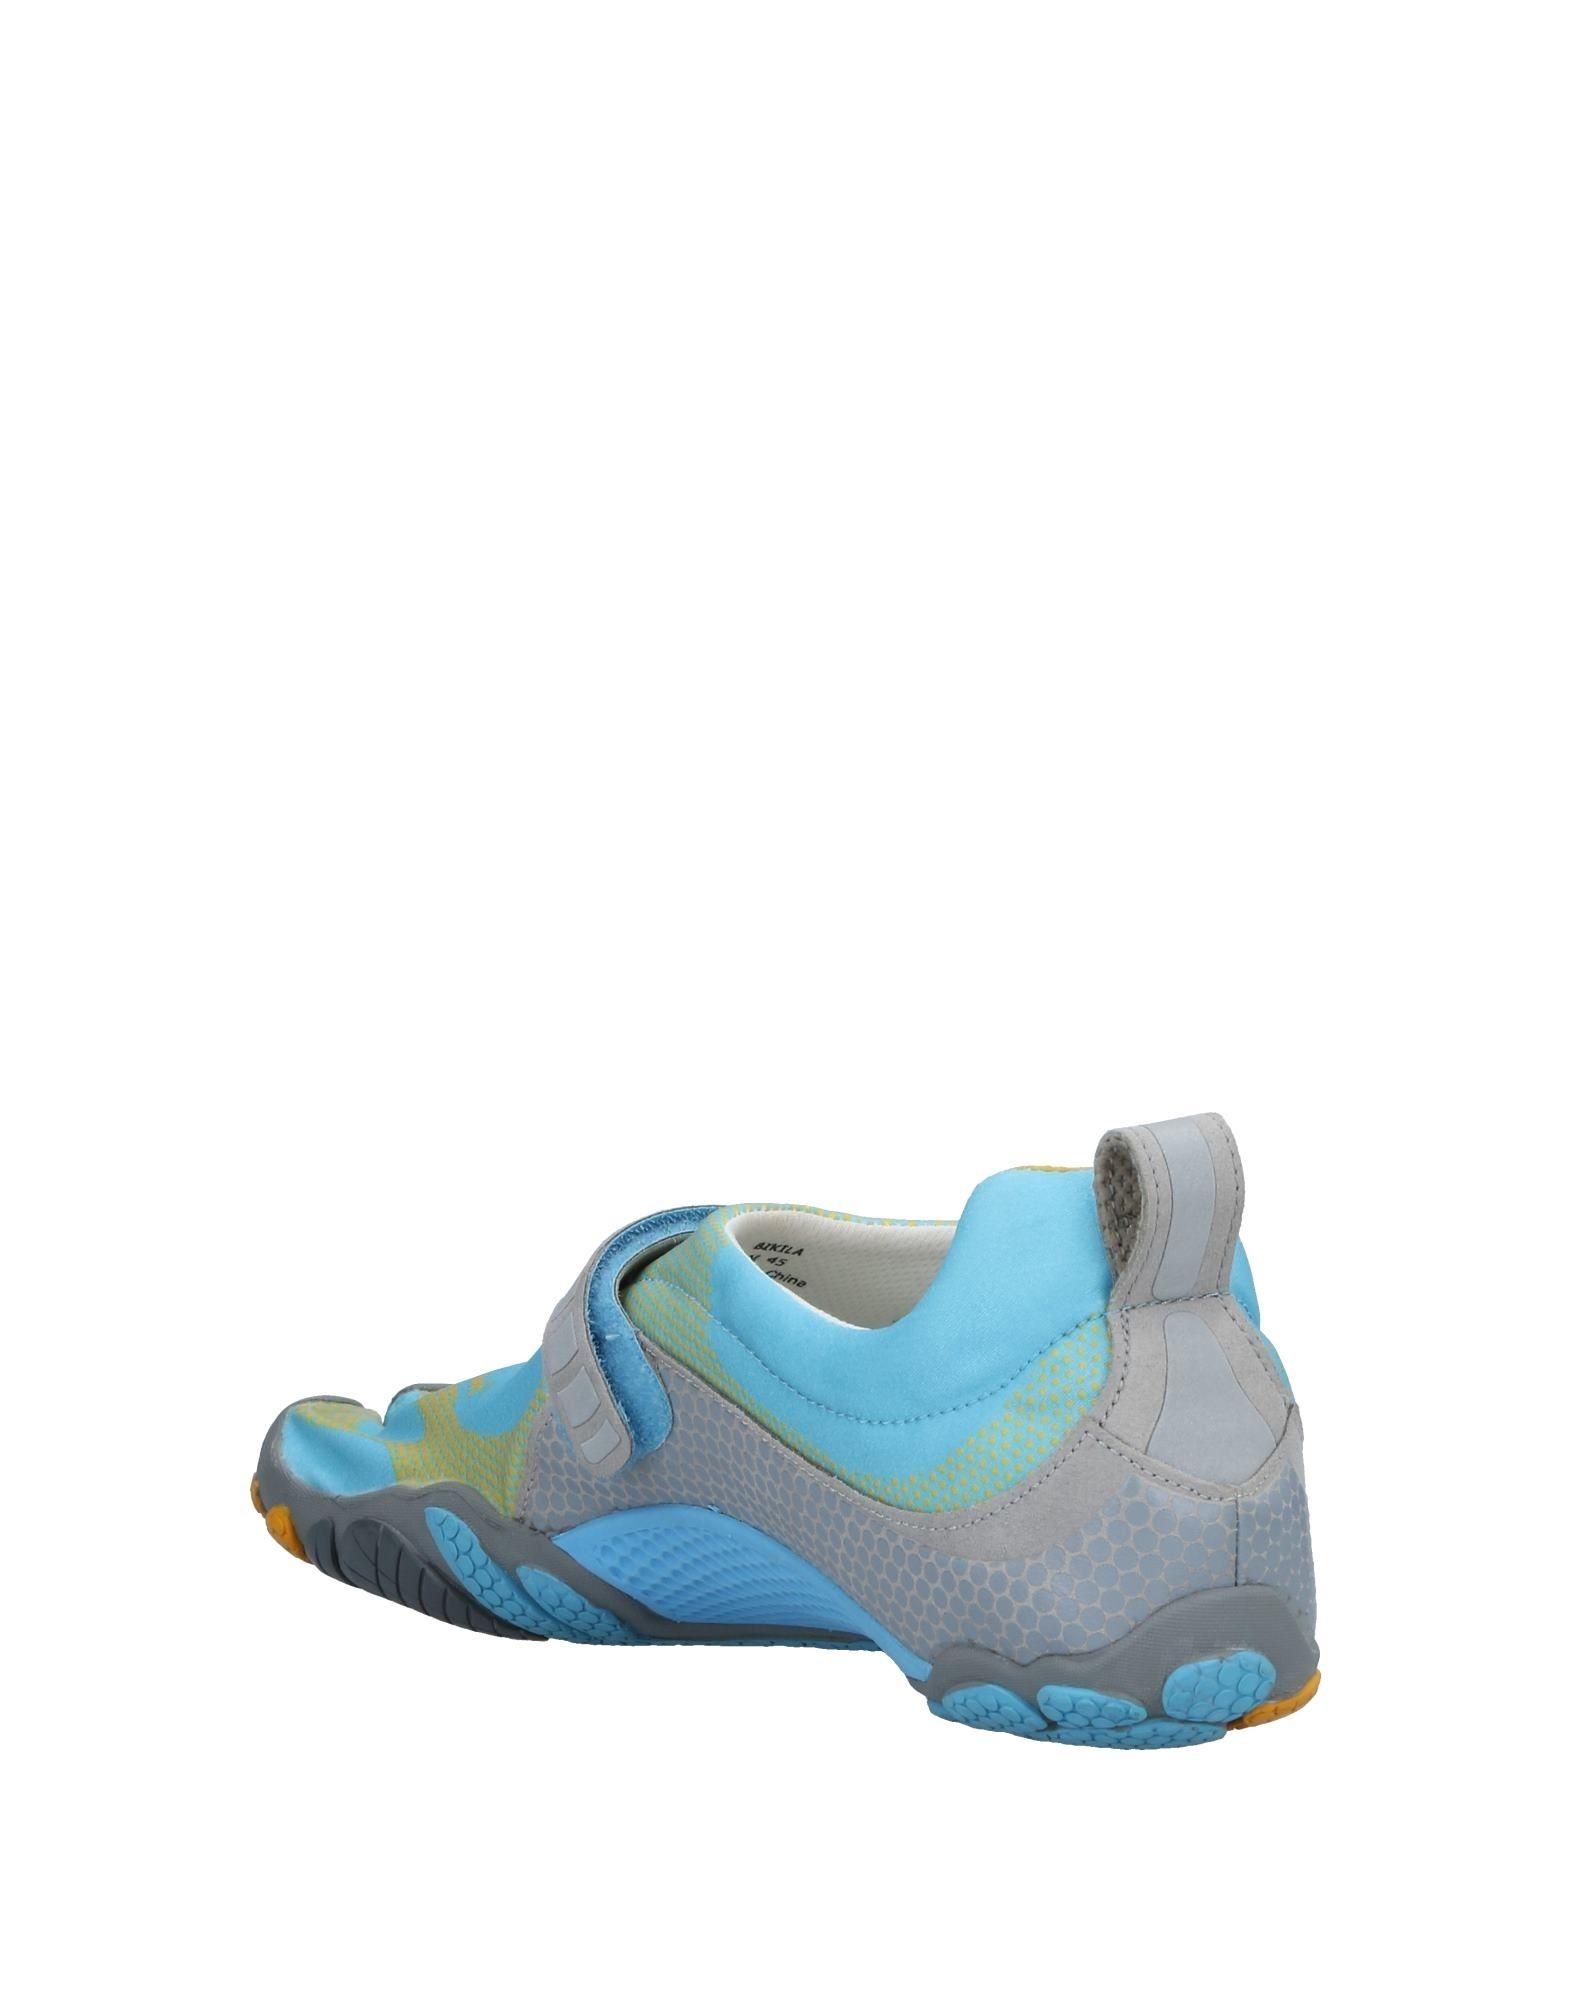 Vibram Sneakers Herren Herren Sneakers  11498388QW 303a44